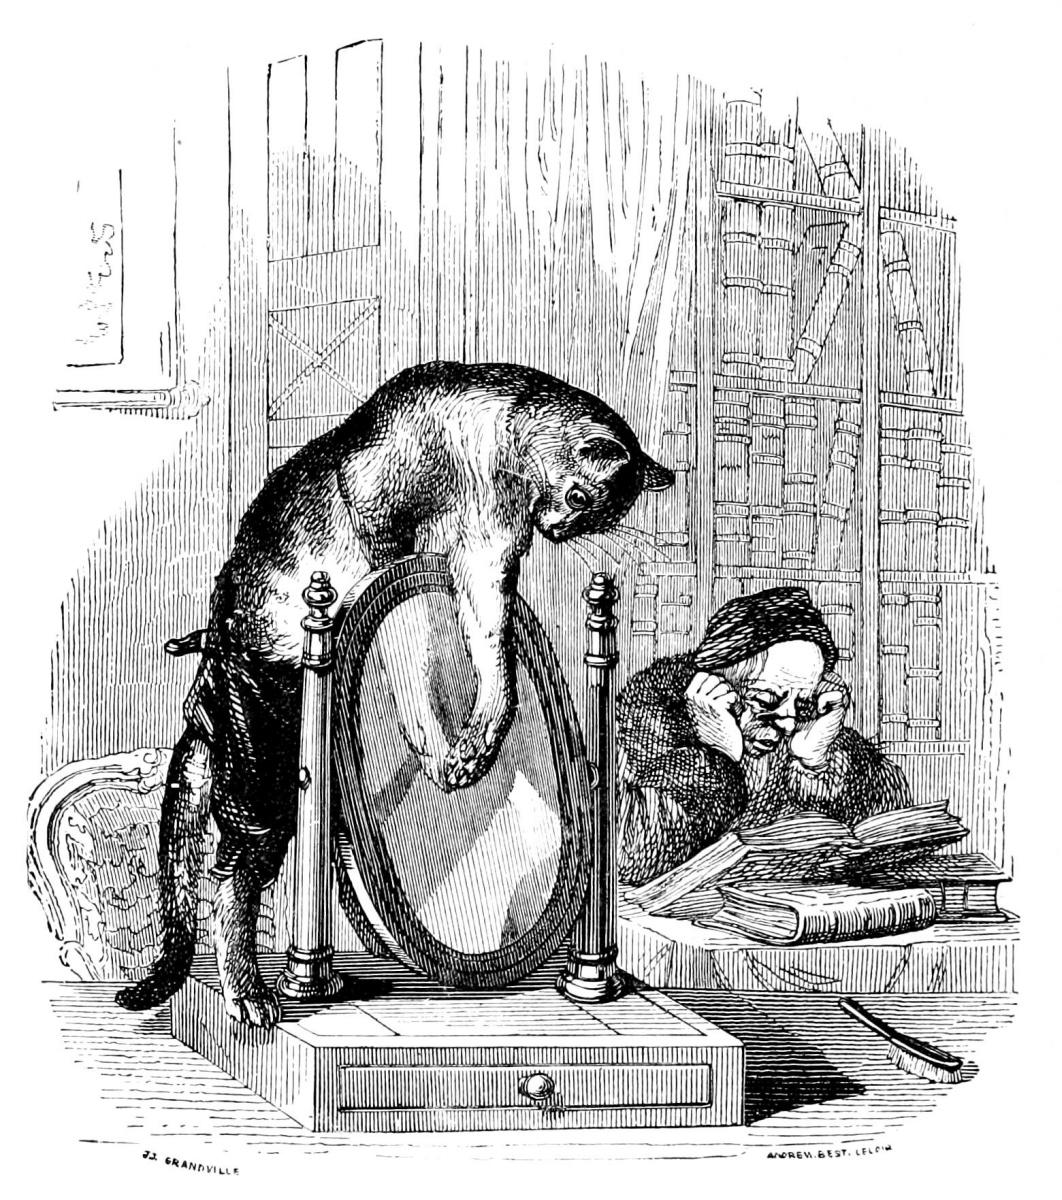 Жан Иньяс Изидор (Жерар) Гранвиль. Любознательный Кот. Иллюстрации к басням Флориана